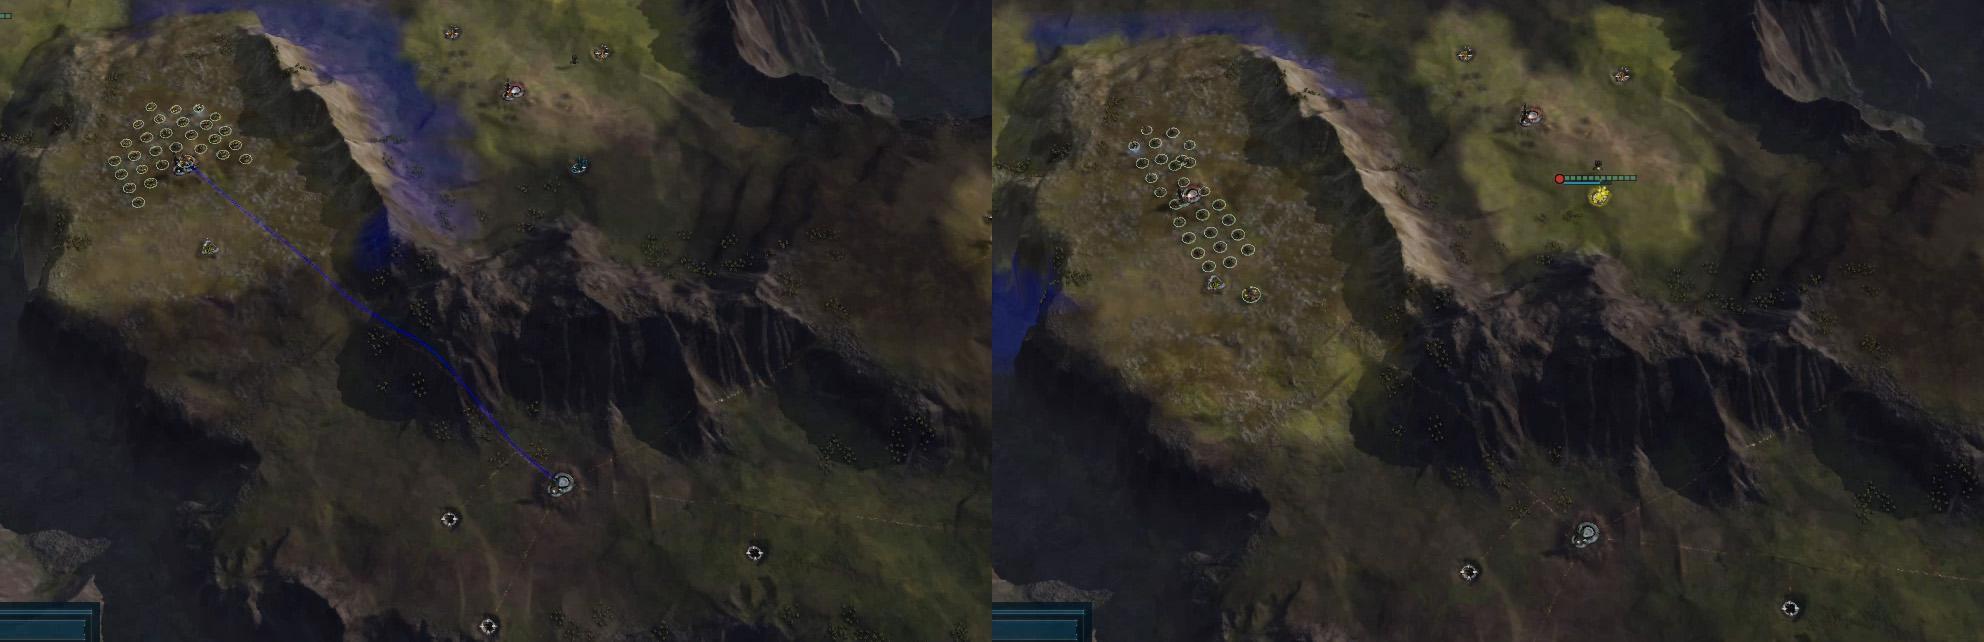 画像左の師団に峡谷越えを指示すると、画像右のように縦列をくみ、せまい進路に対応する。このとき、AIは即座に陣形を再展開できるよう、戦車・自走砲のかたよりをふせぐ。RTS初心者より有能だ。この仕組みは、地形と師団展開に大きく影響する。せまい場所では複数の師団を展開できず、数量差を打ち消しやすい。